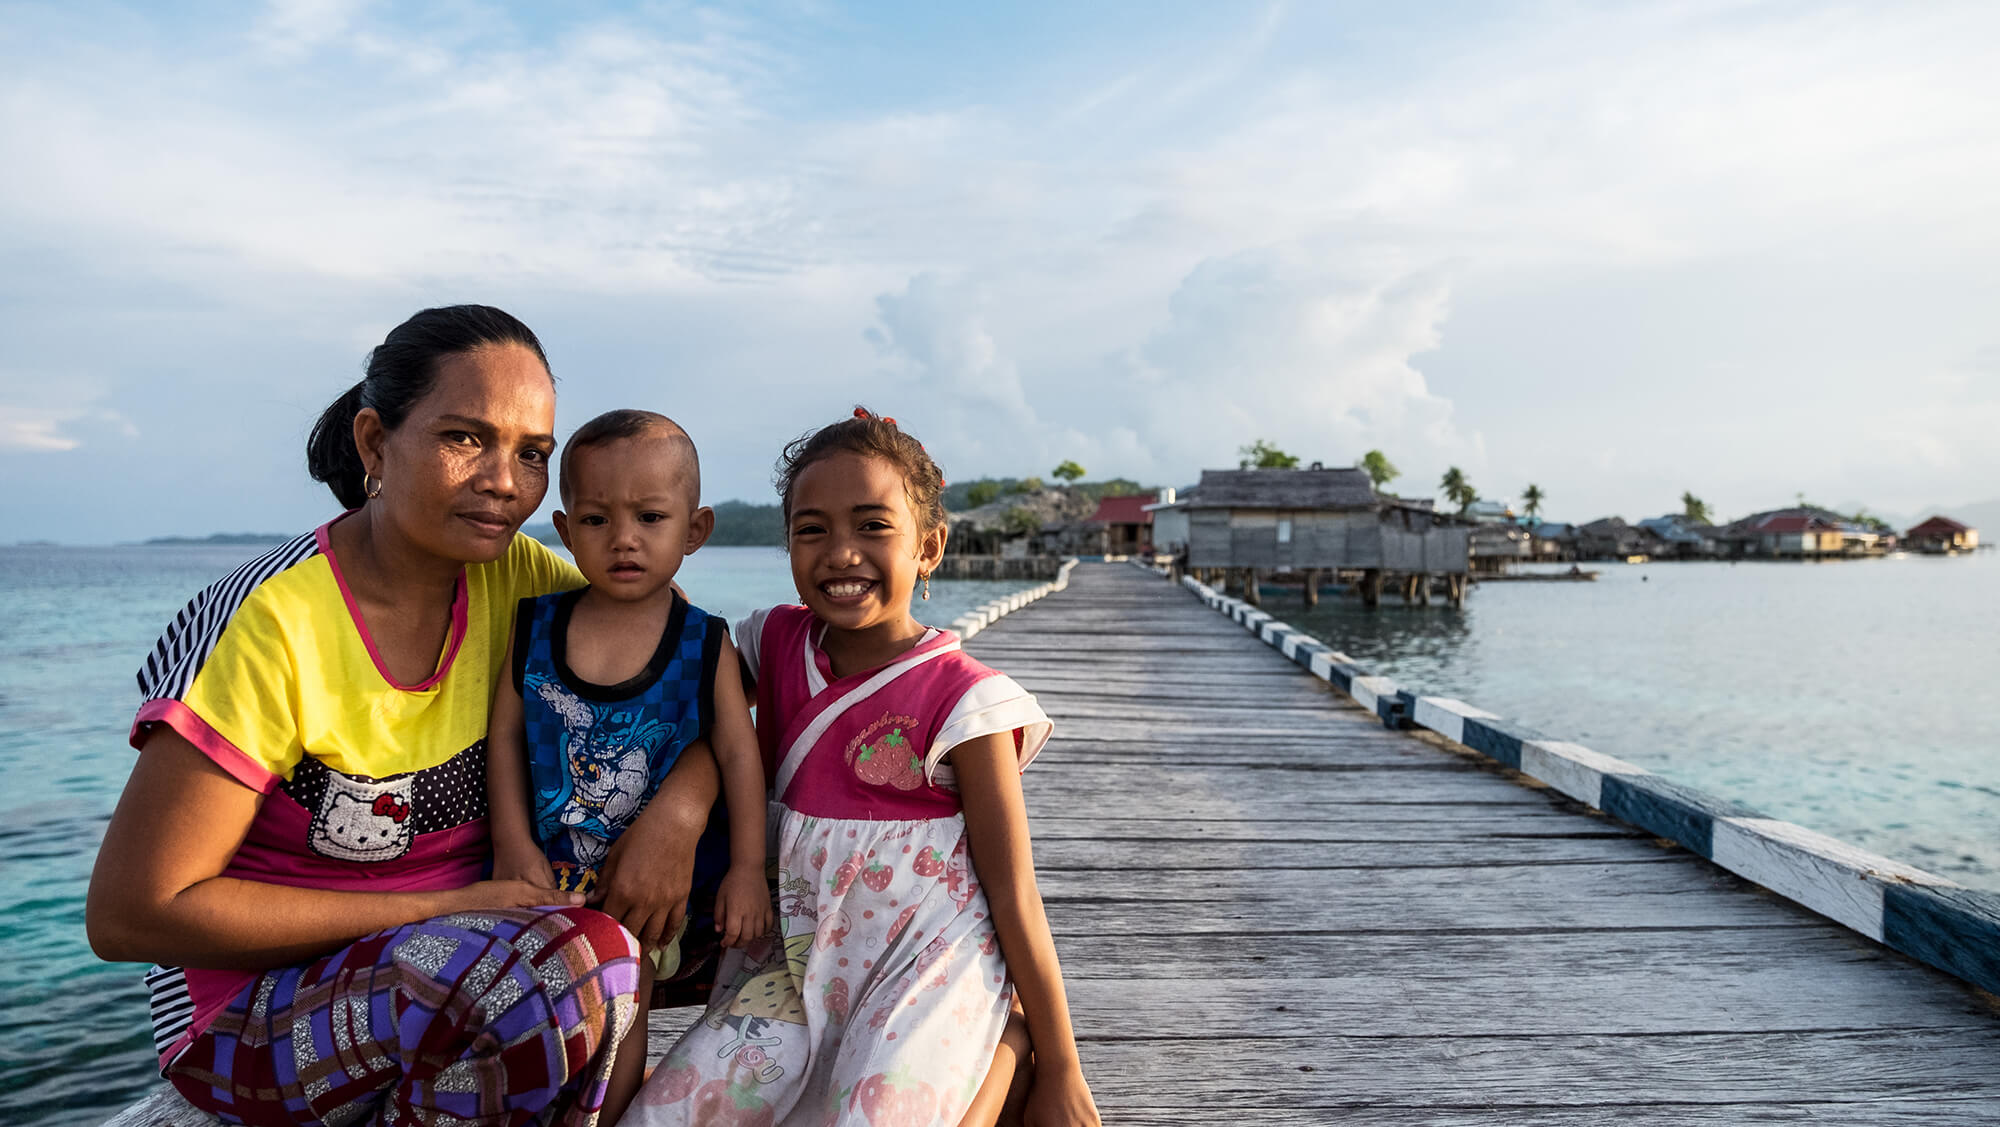 Familia bajau en las islas Togean de Sulawesi en Indonesia